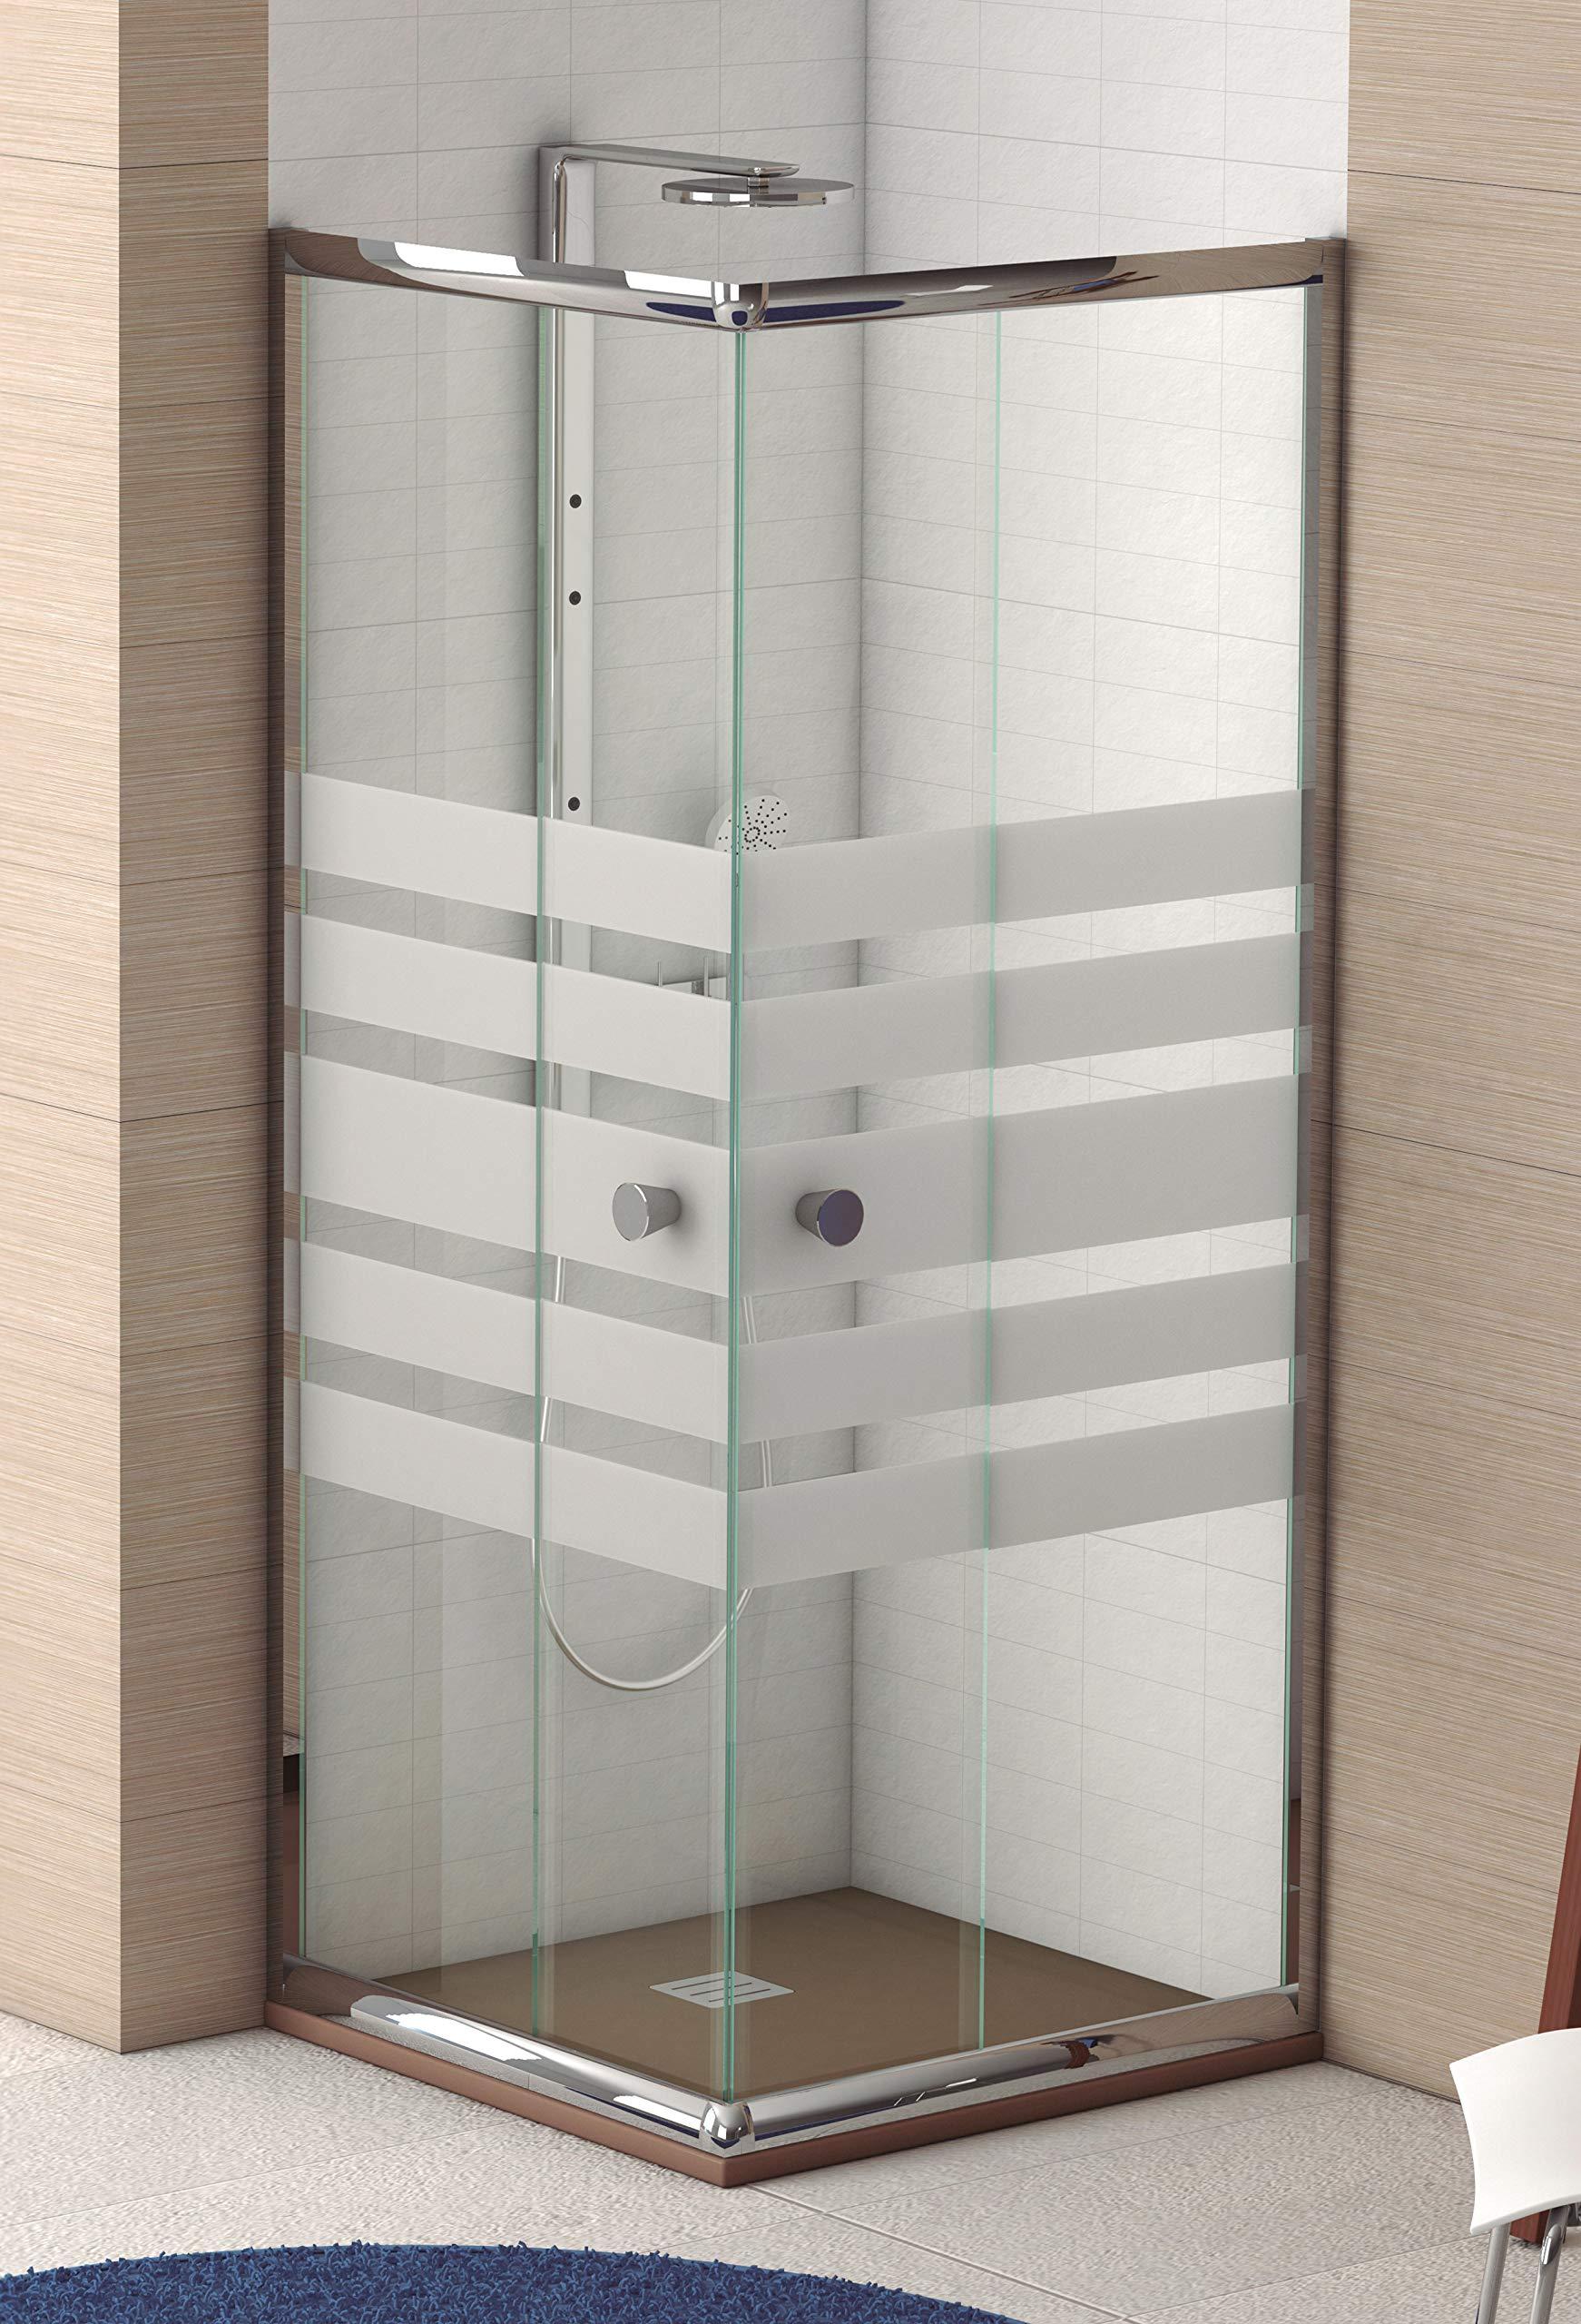 Mampara de Ducha Angular Modelo POPULI (2 Hojas Fijas y 2 Correderas) Cristal Decorado de 6mm y Perfil Aluminio Cromado Plata 70x120 (Adaptable 69-70cm a 119-120cm): Amazon.es: Bricolaje y herramientas